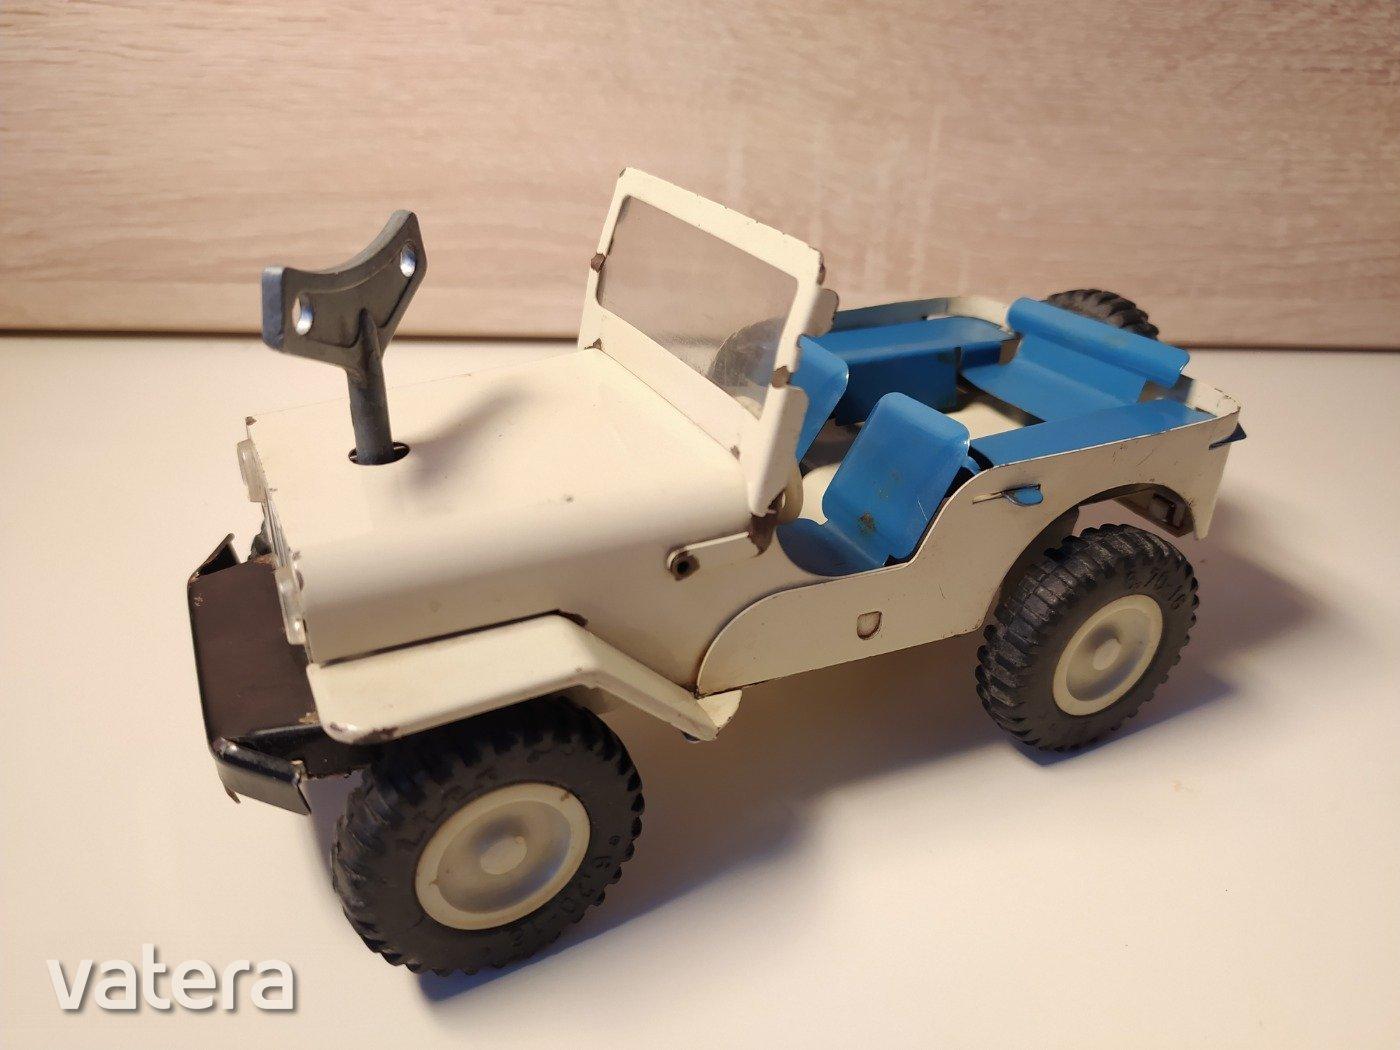 csehszlovak-ites-oramuves-jeep-mukodokepes-jo-allapot-eredeti-kulccsal-4d3b_1_big.jpg